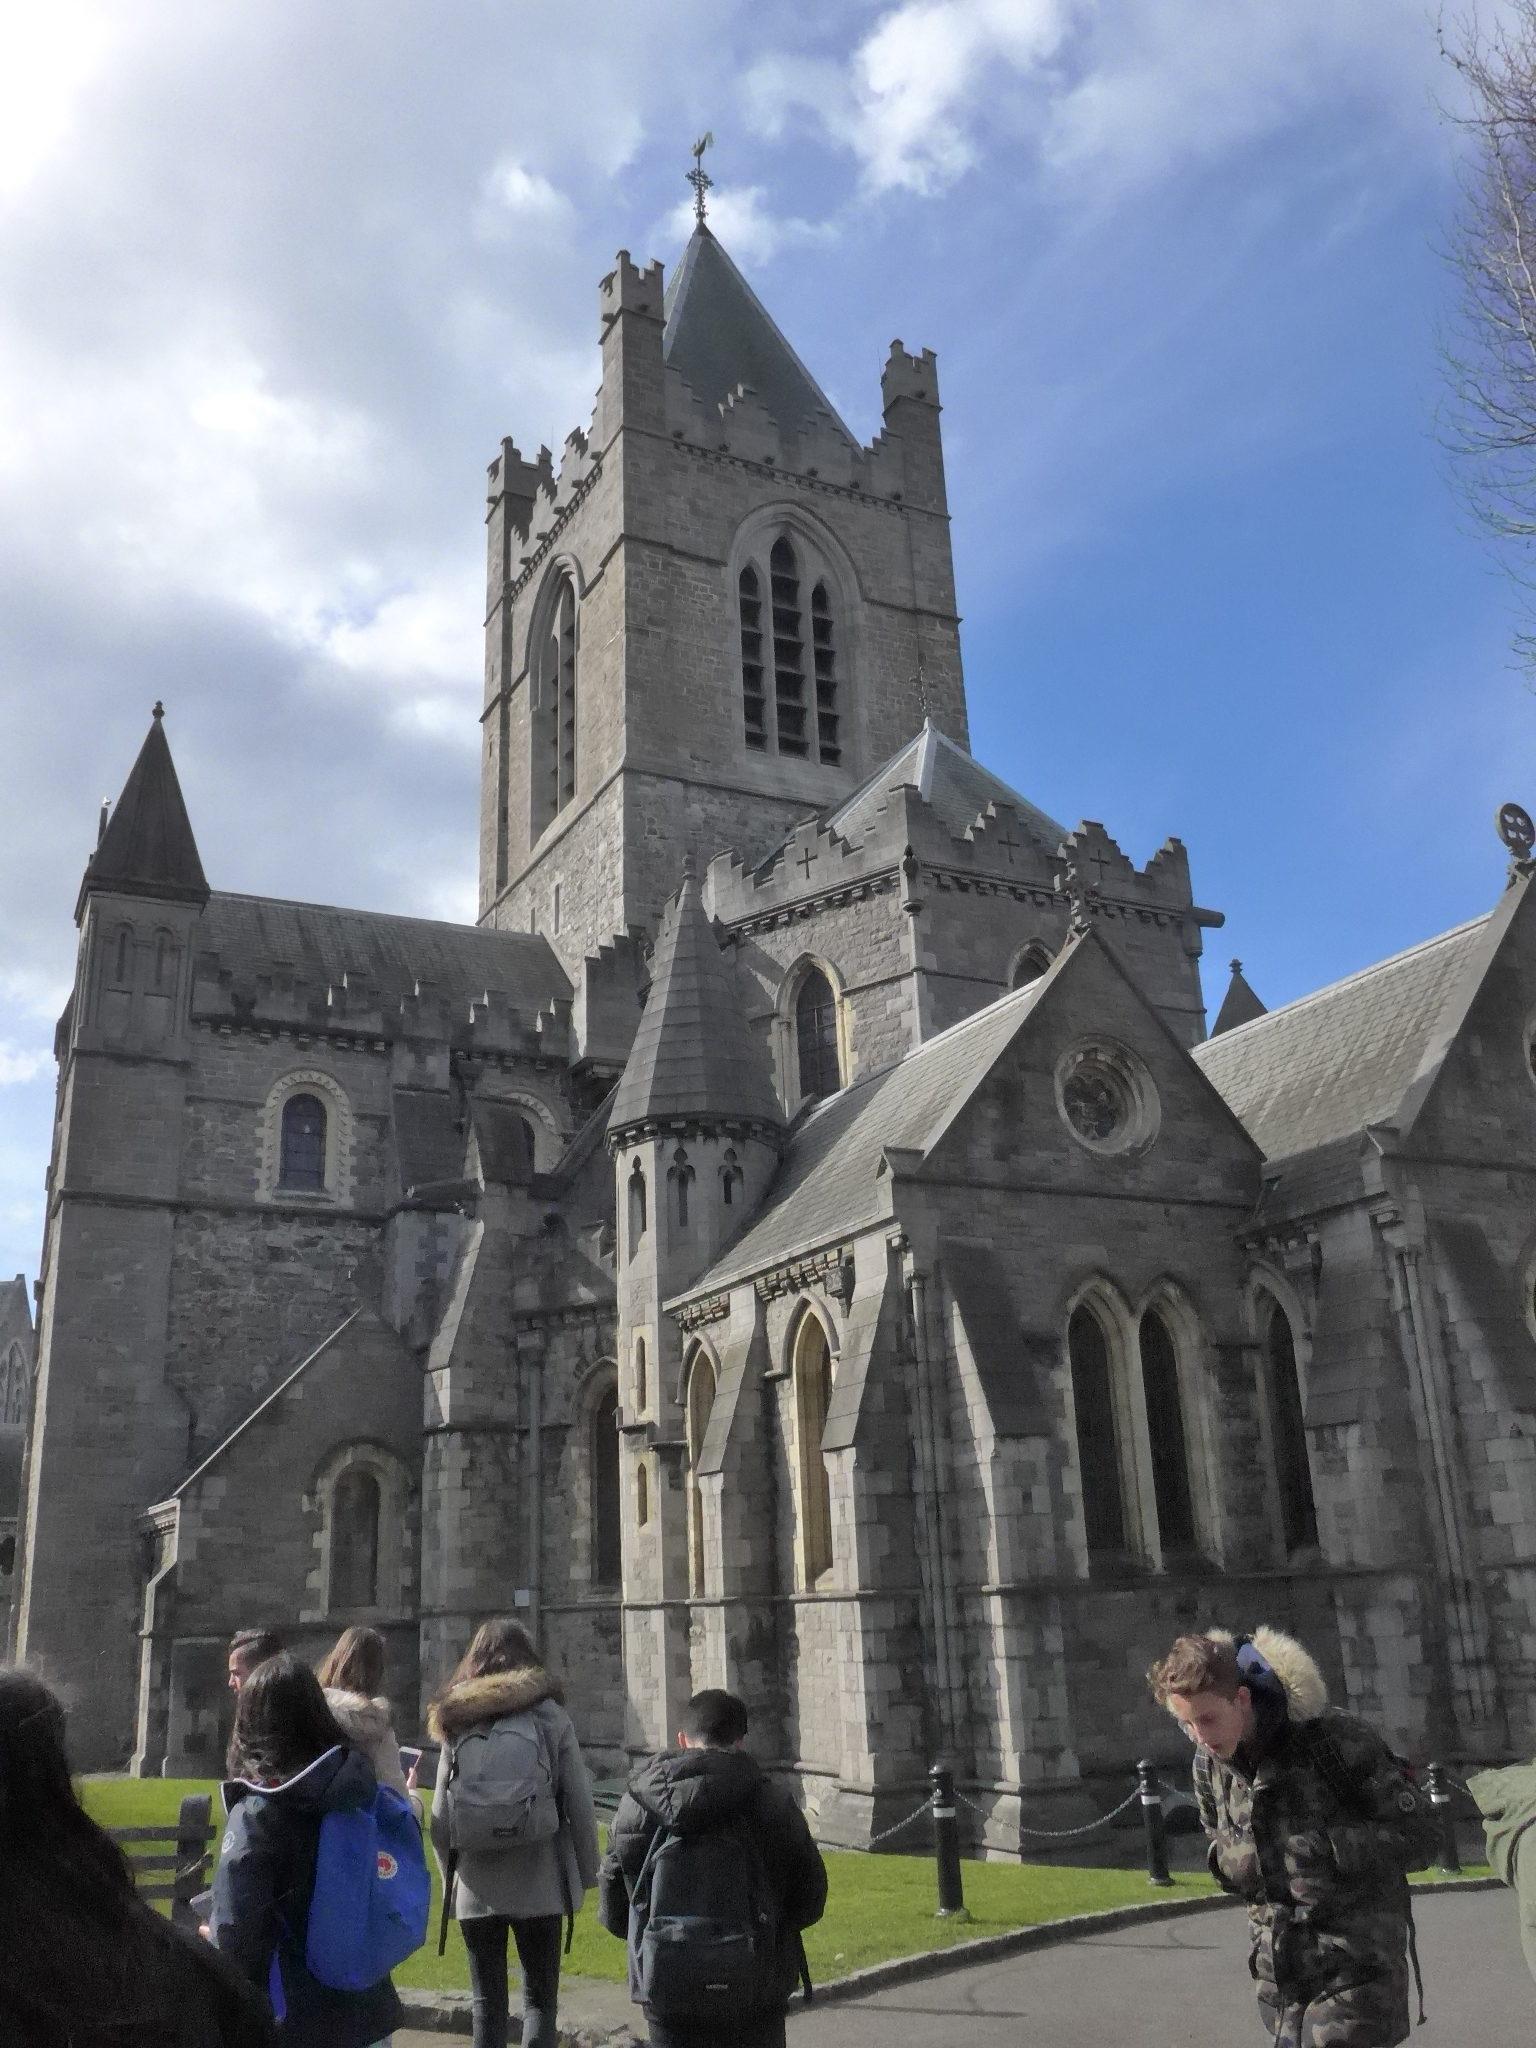 Guiness Storehouse, château et Cathédrale de Dublin